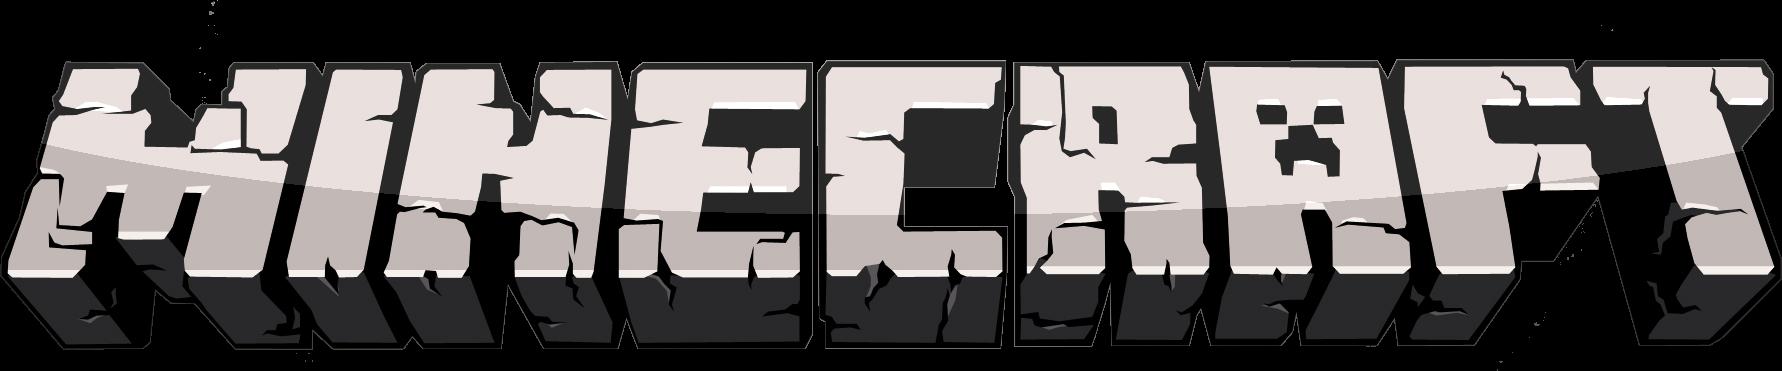 Image result for minecraft banner transparent